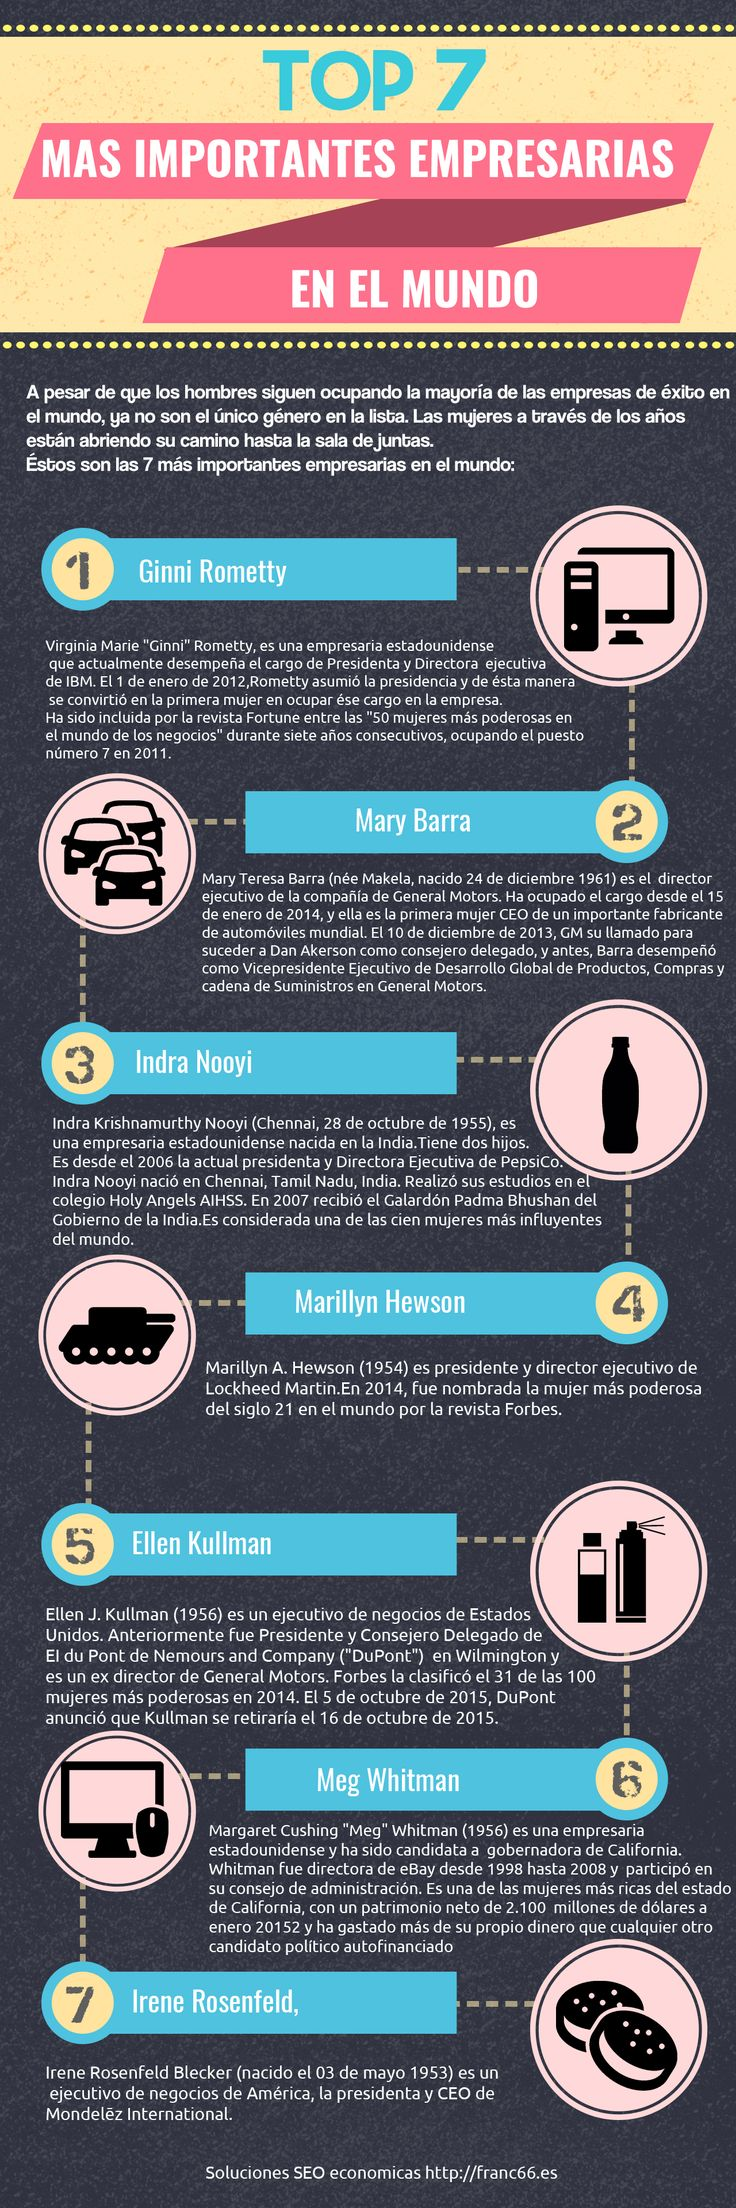 Top 7 de las mujeres empresarias mas influyentes del mundo